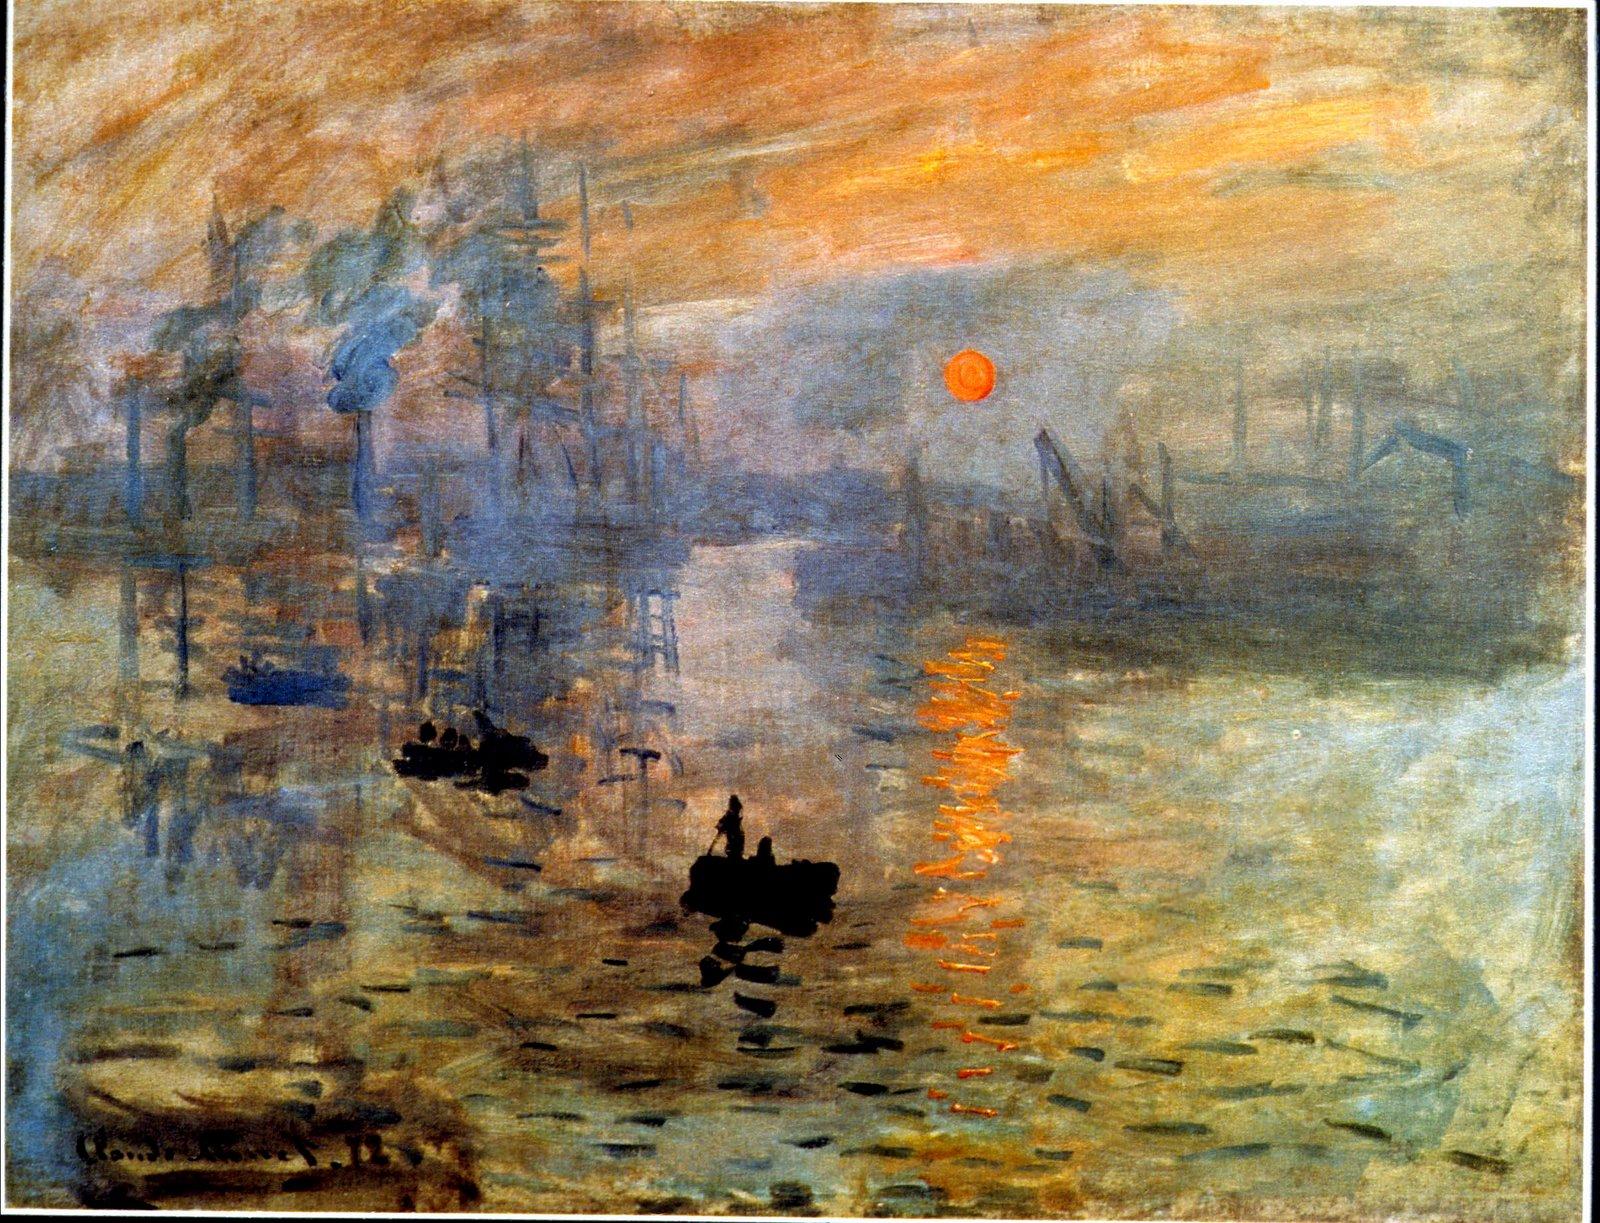 MONET impression sunrise 1872